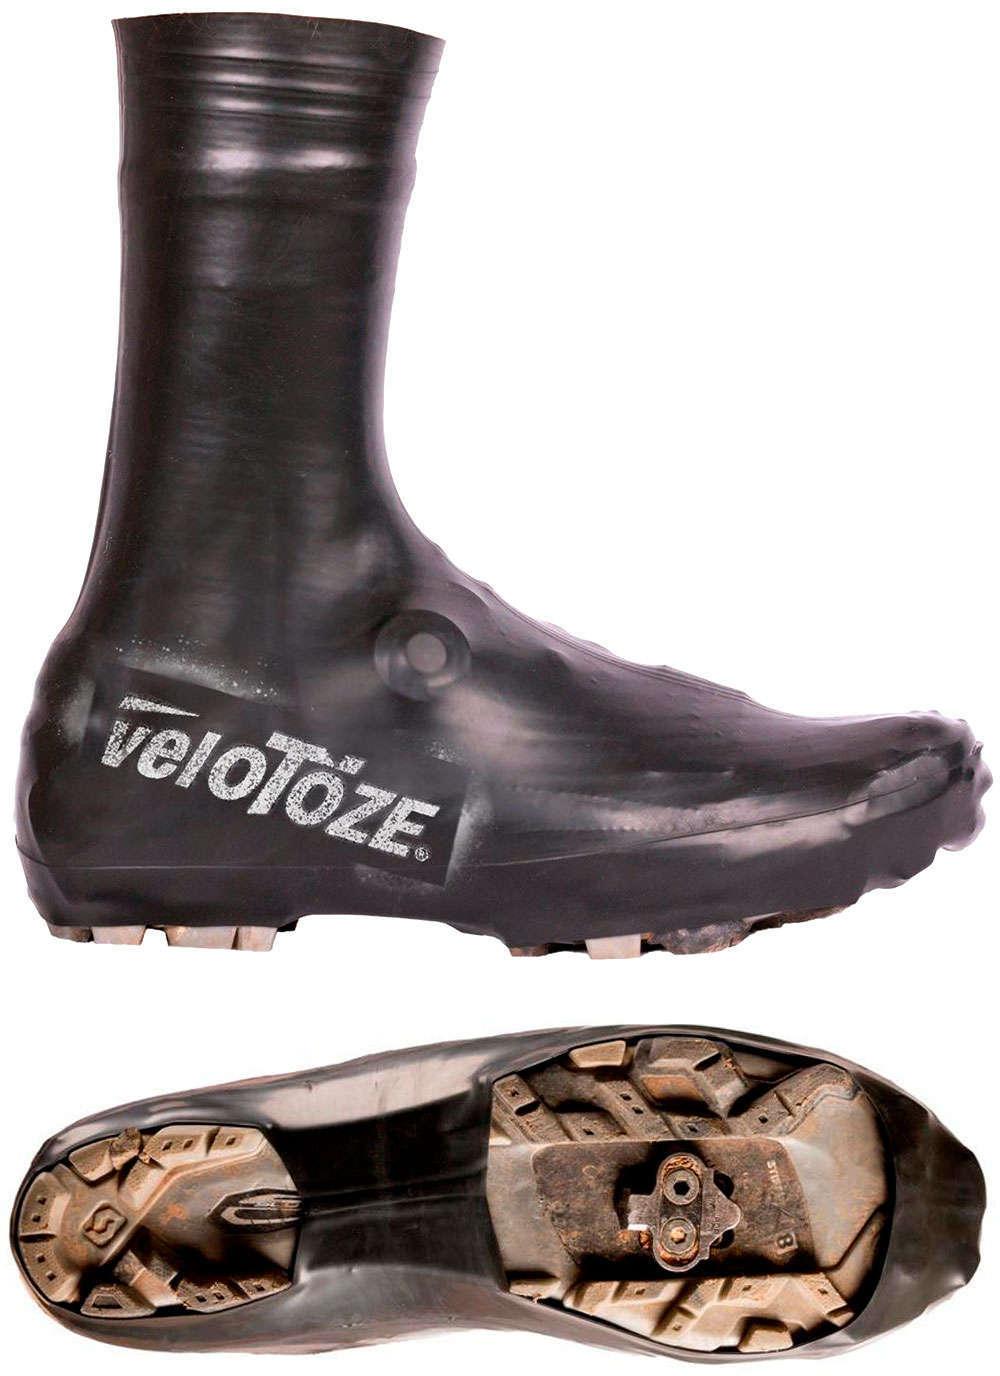 En TodoMountainBike: Adiós al frío en los pies con los cubrebotas fabricados en látex de veloToze